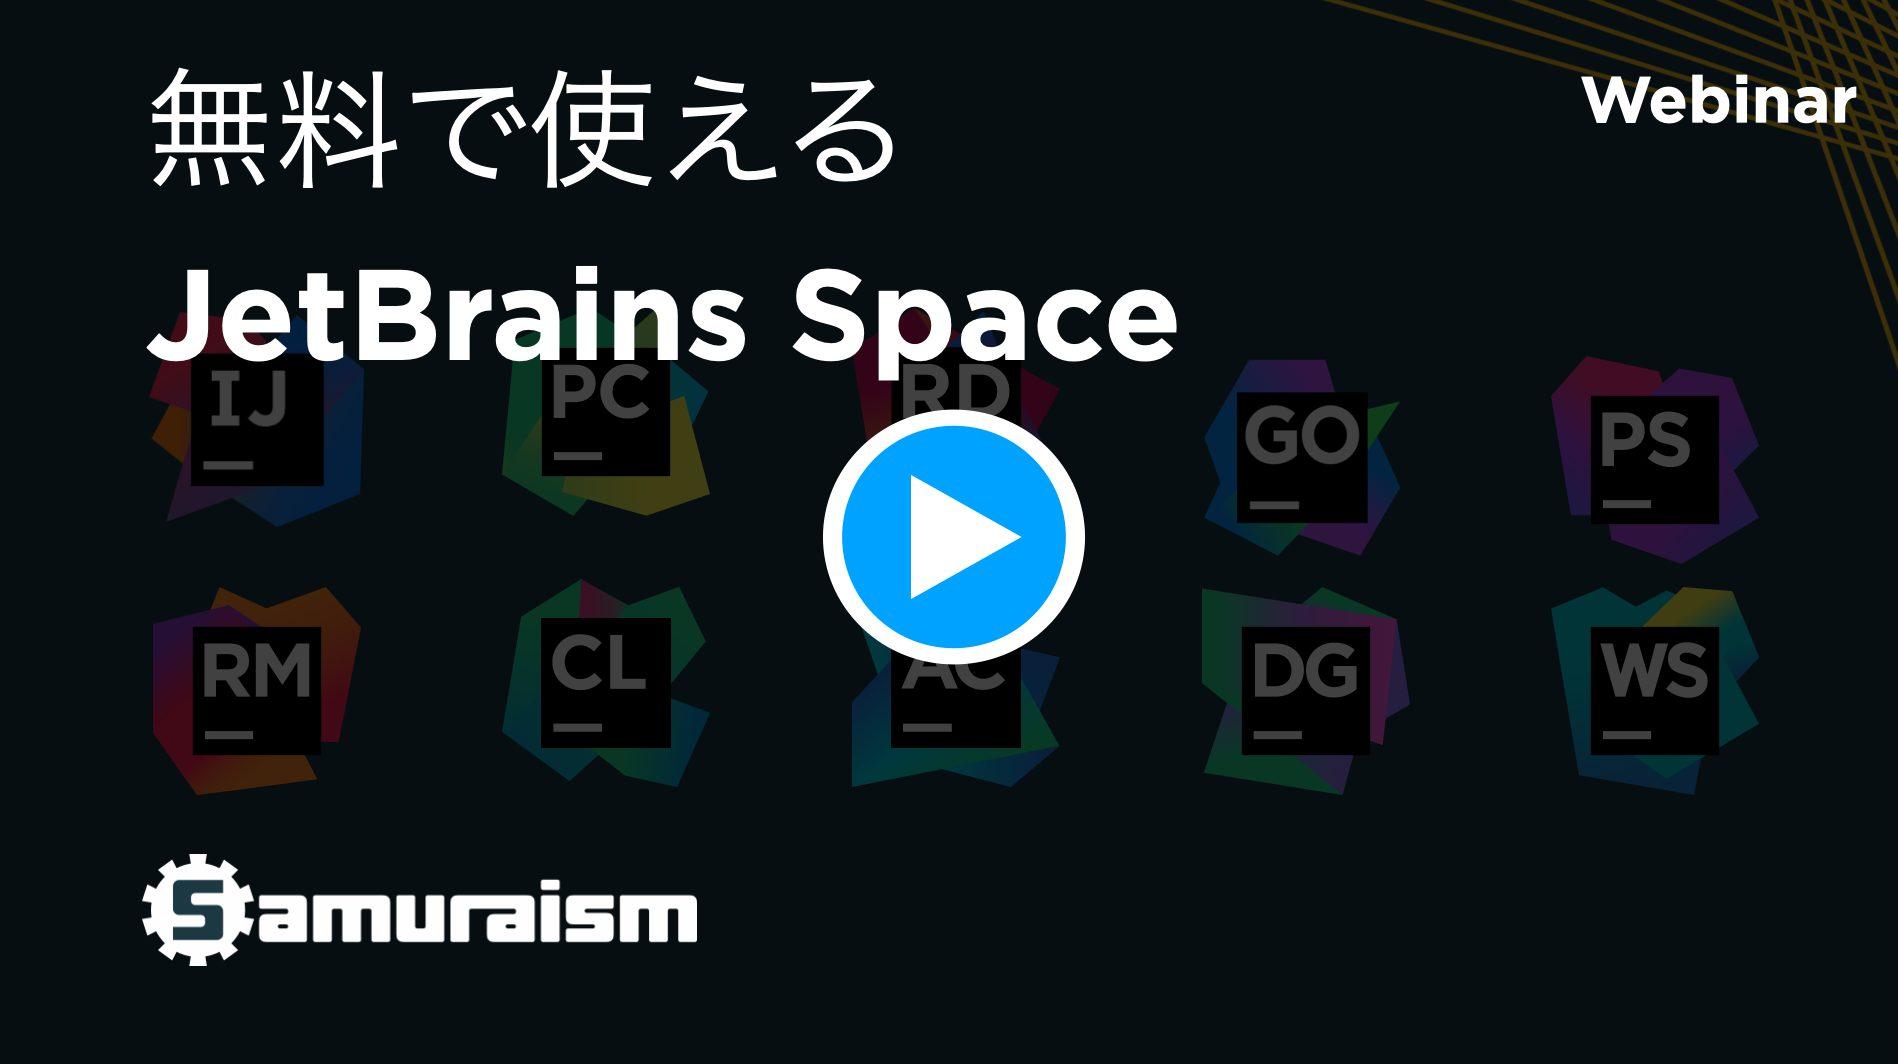 オンラインセミナー「無料で使えるJetBrains Space」 動画公開 #jbtips